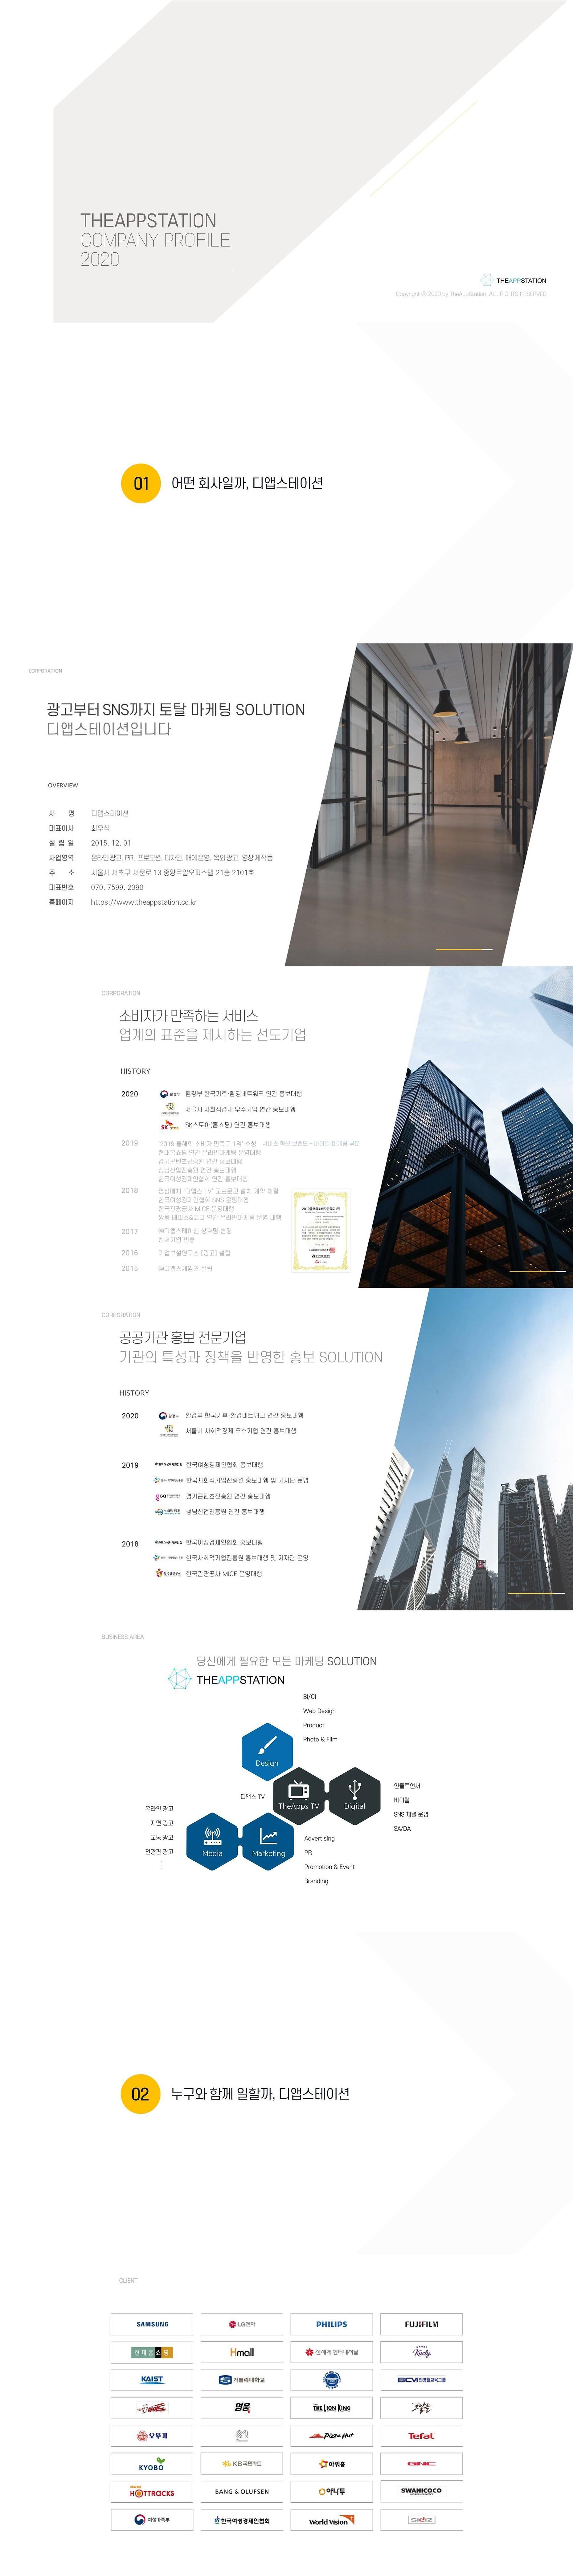 디앱스테이션 홈페이지(1)re_200924re.jpg